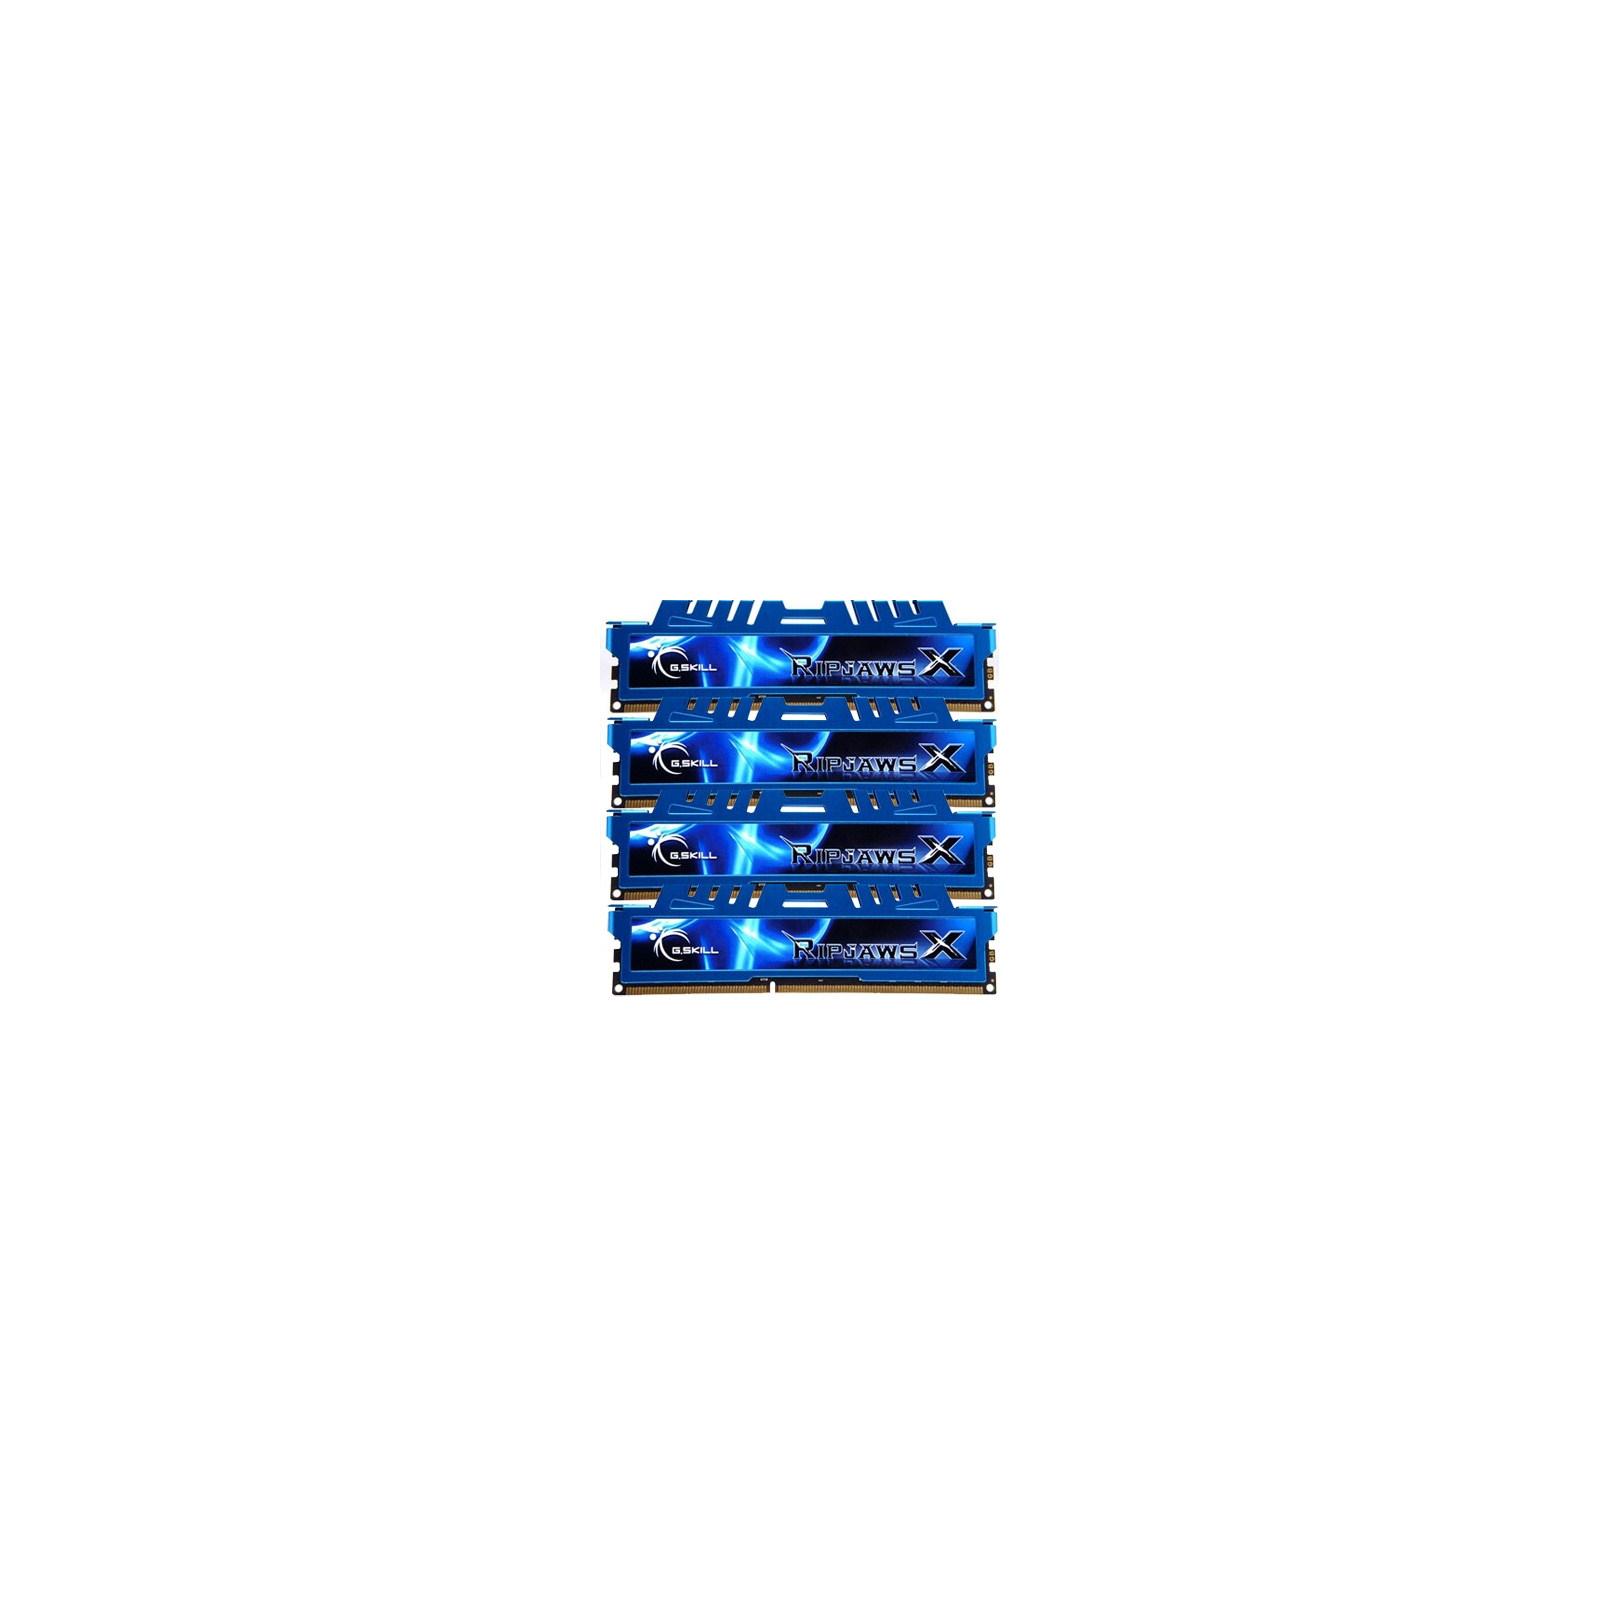 Модуль памяти для компьютера DDR3 32GB (4x8GB) 1866 MHz G.Skill (F3-1866C9Q-32GXM)